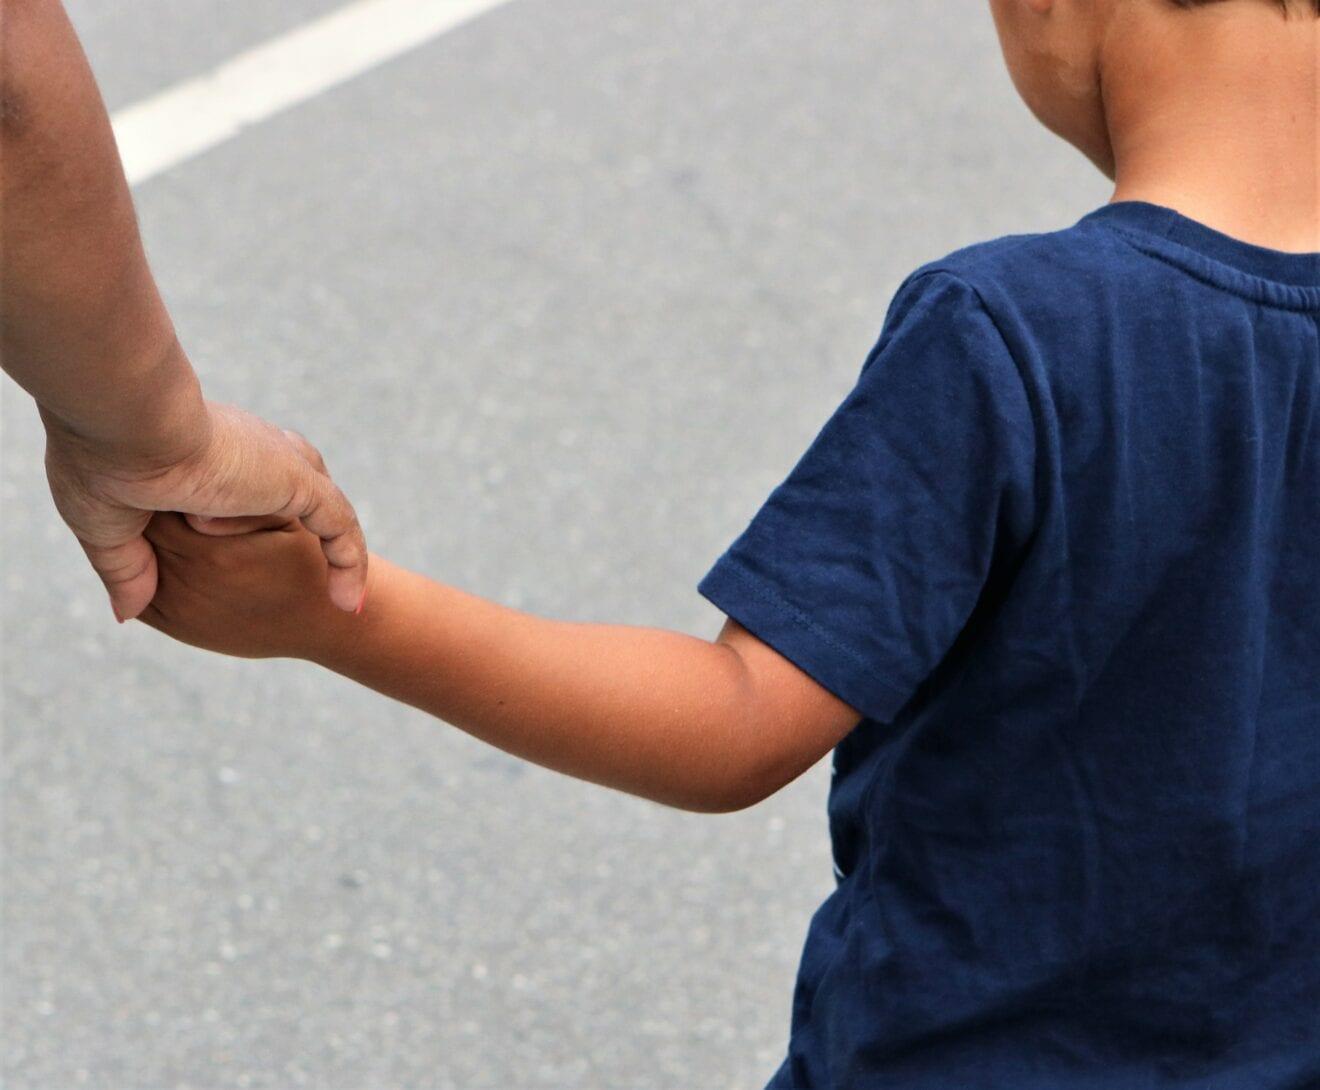 Styrket forældresamarbejde og støtte til sårbare børn